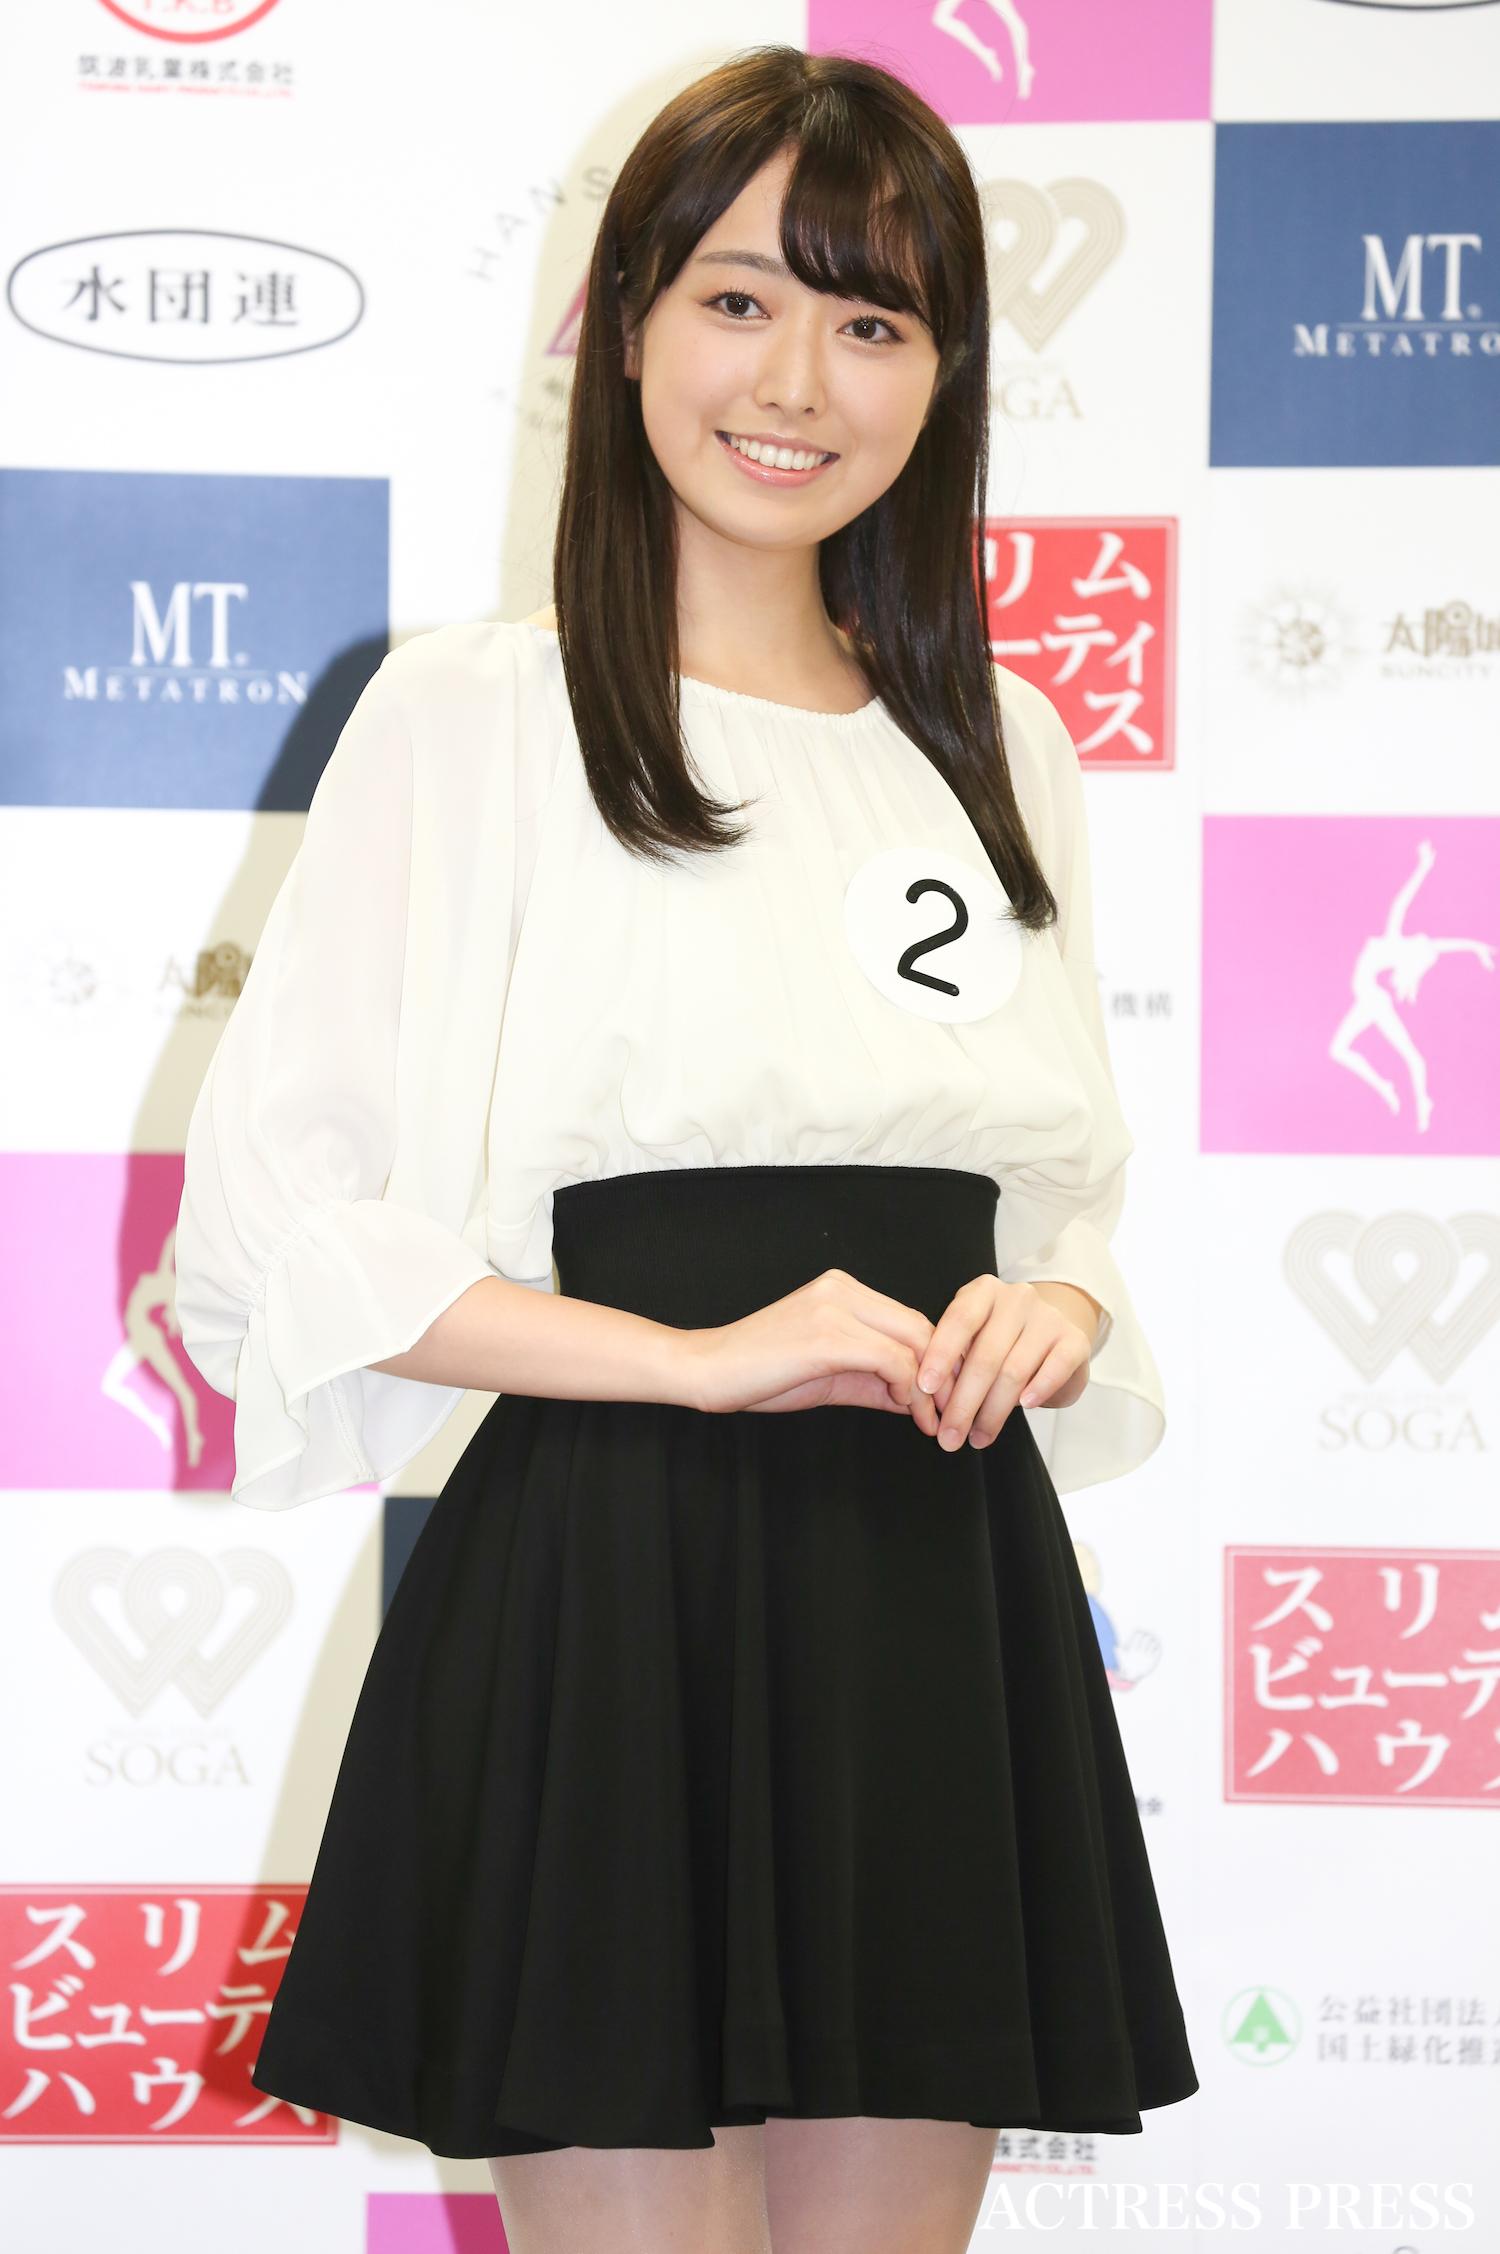 小田安珠/2019年12月2日、「ミス日本コンテスト2020」にて/撮影:ACTRESS PRESS編集部